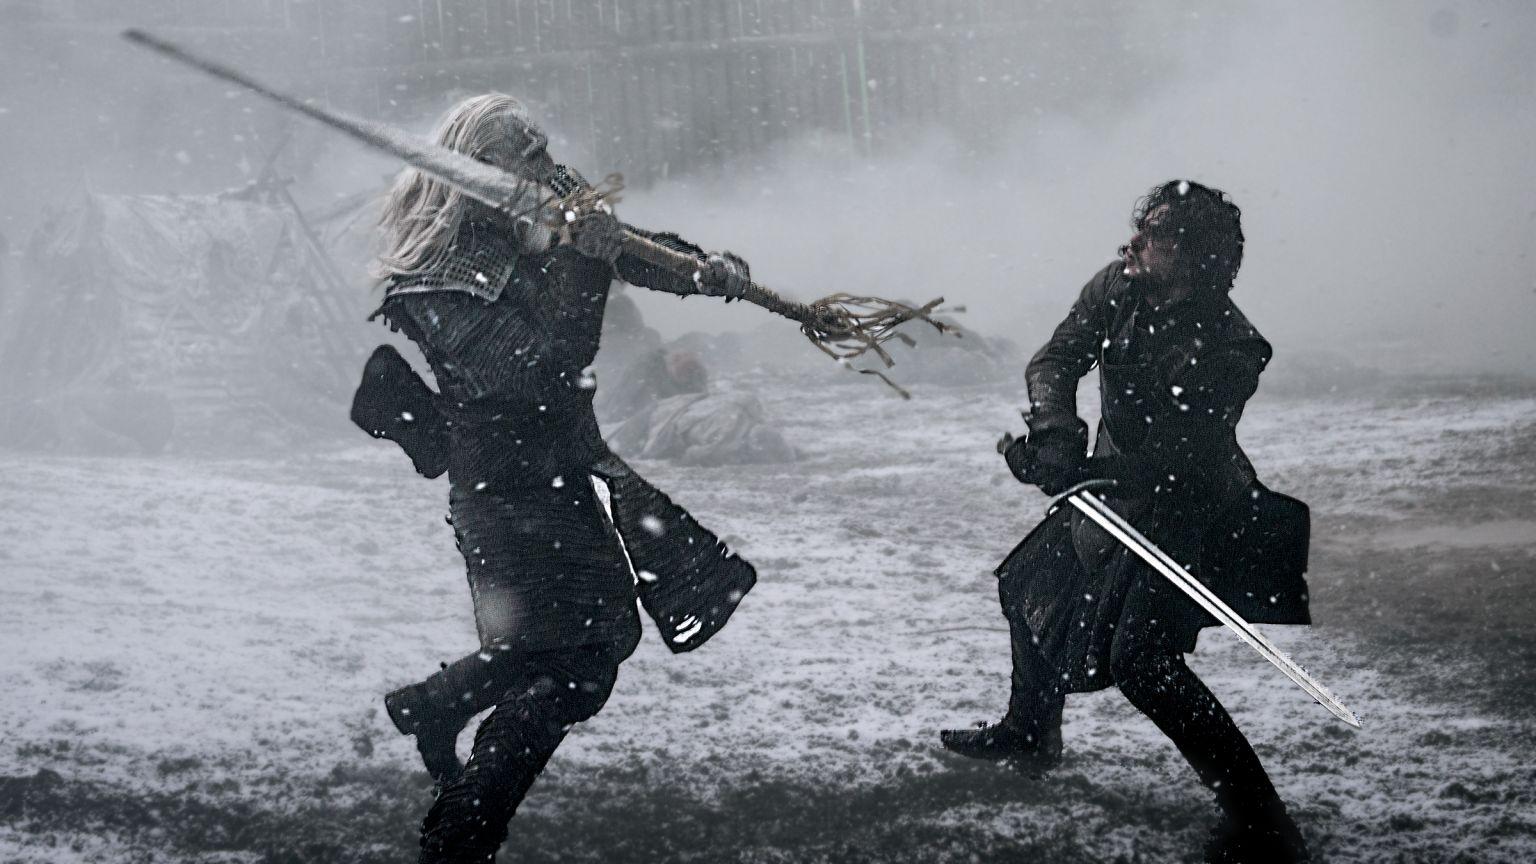 ww-fight.jpg